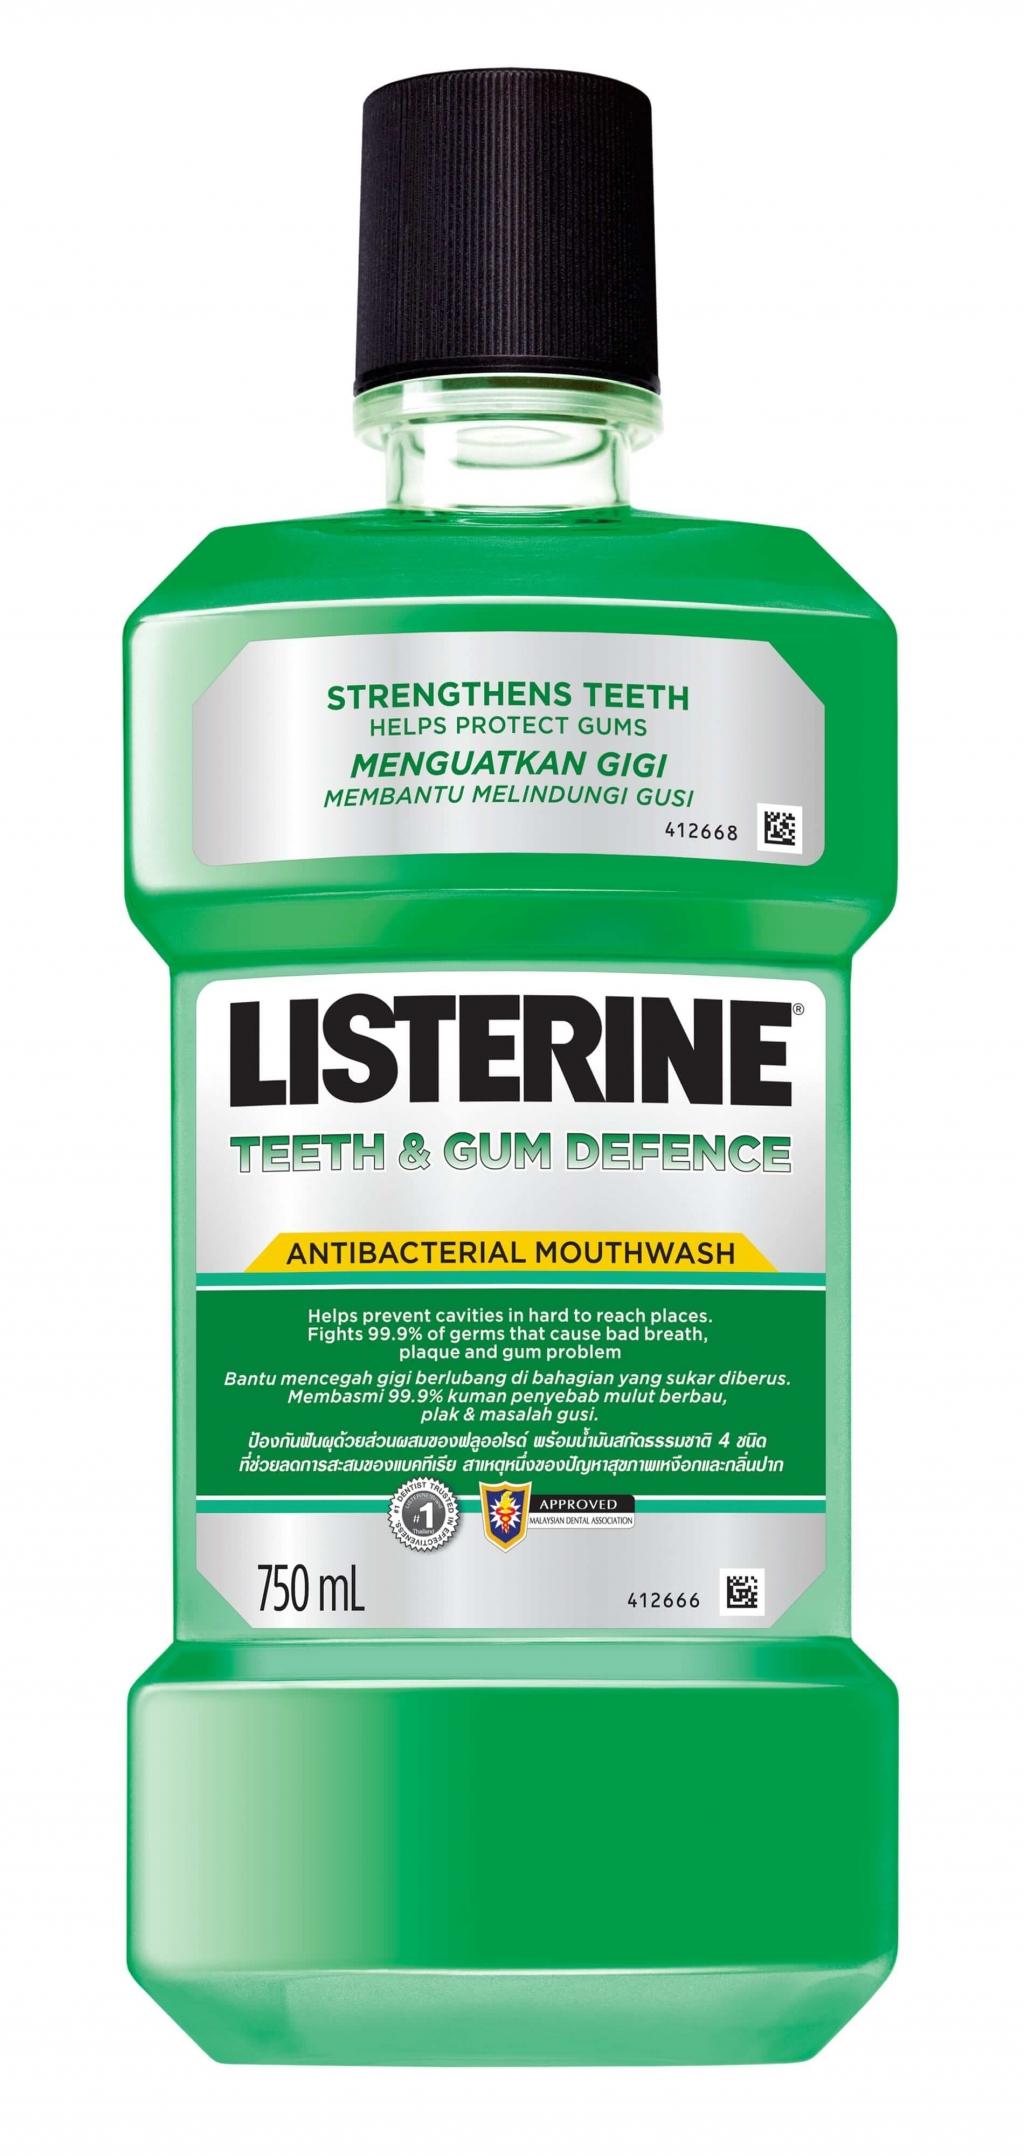 น้ำยาบ้วนปาก ลิสเตอรีน ทีธ แอนด์ กัม โพรเทคชัน